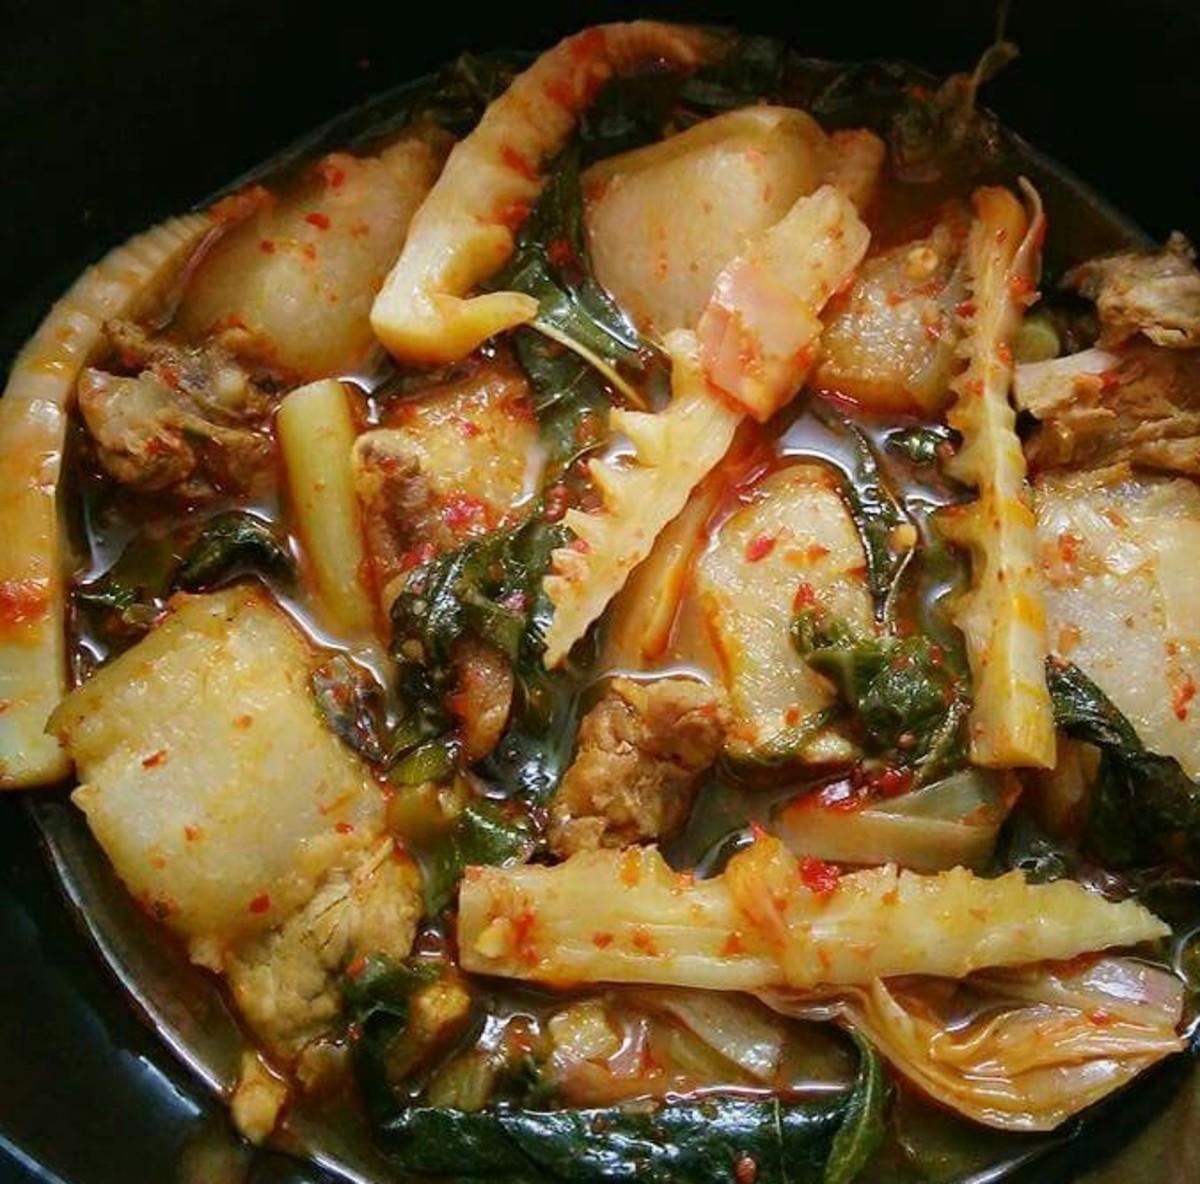 Naga pork curry (Nagaland)